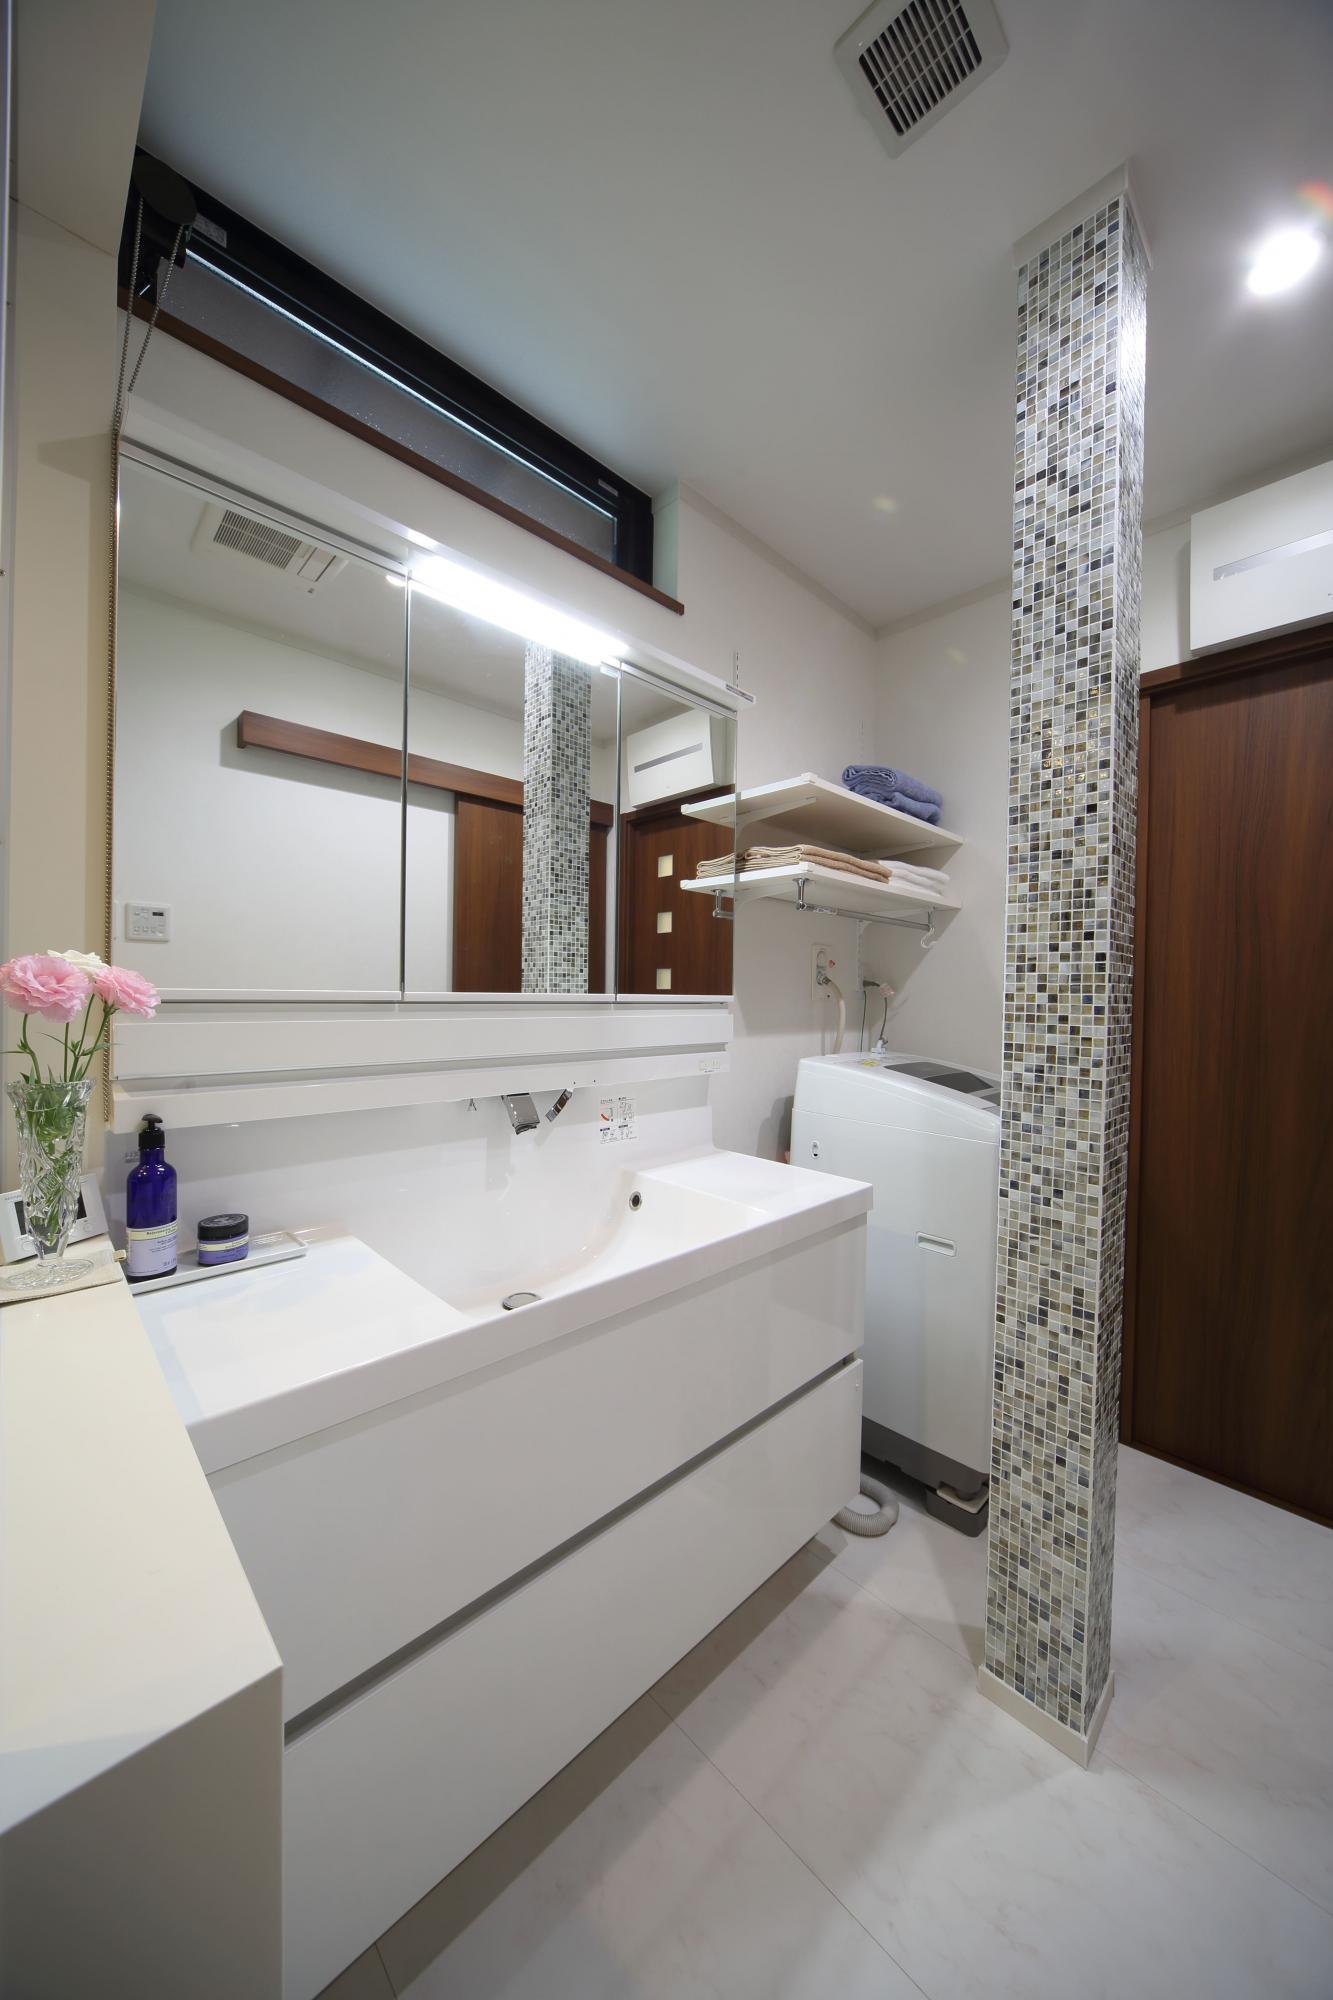 洗面室の抜けない柱にはキッチンと同じモザイクタイルを張り、空間のアクセントに。洗面上部には横長の通風窓を設けた。